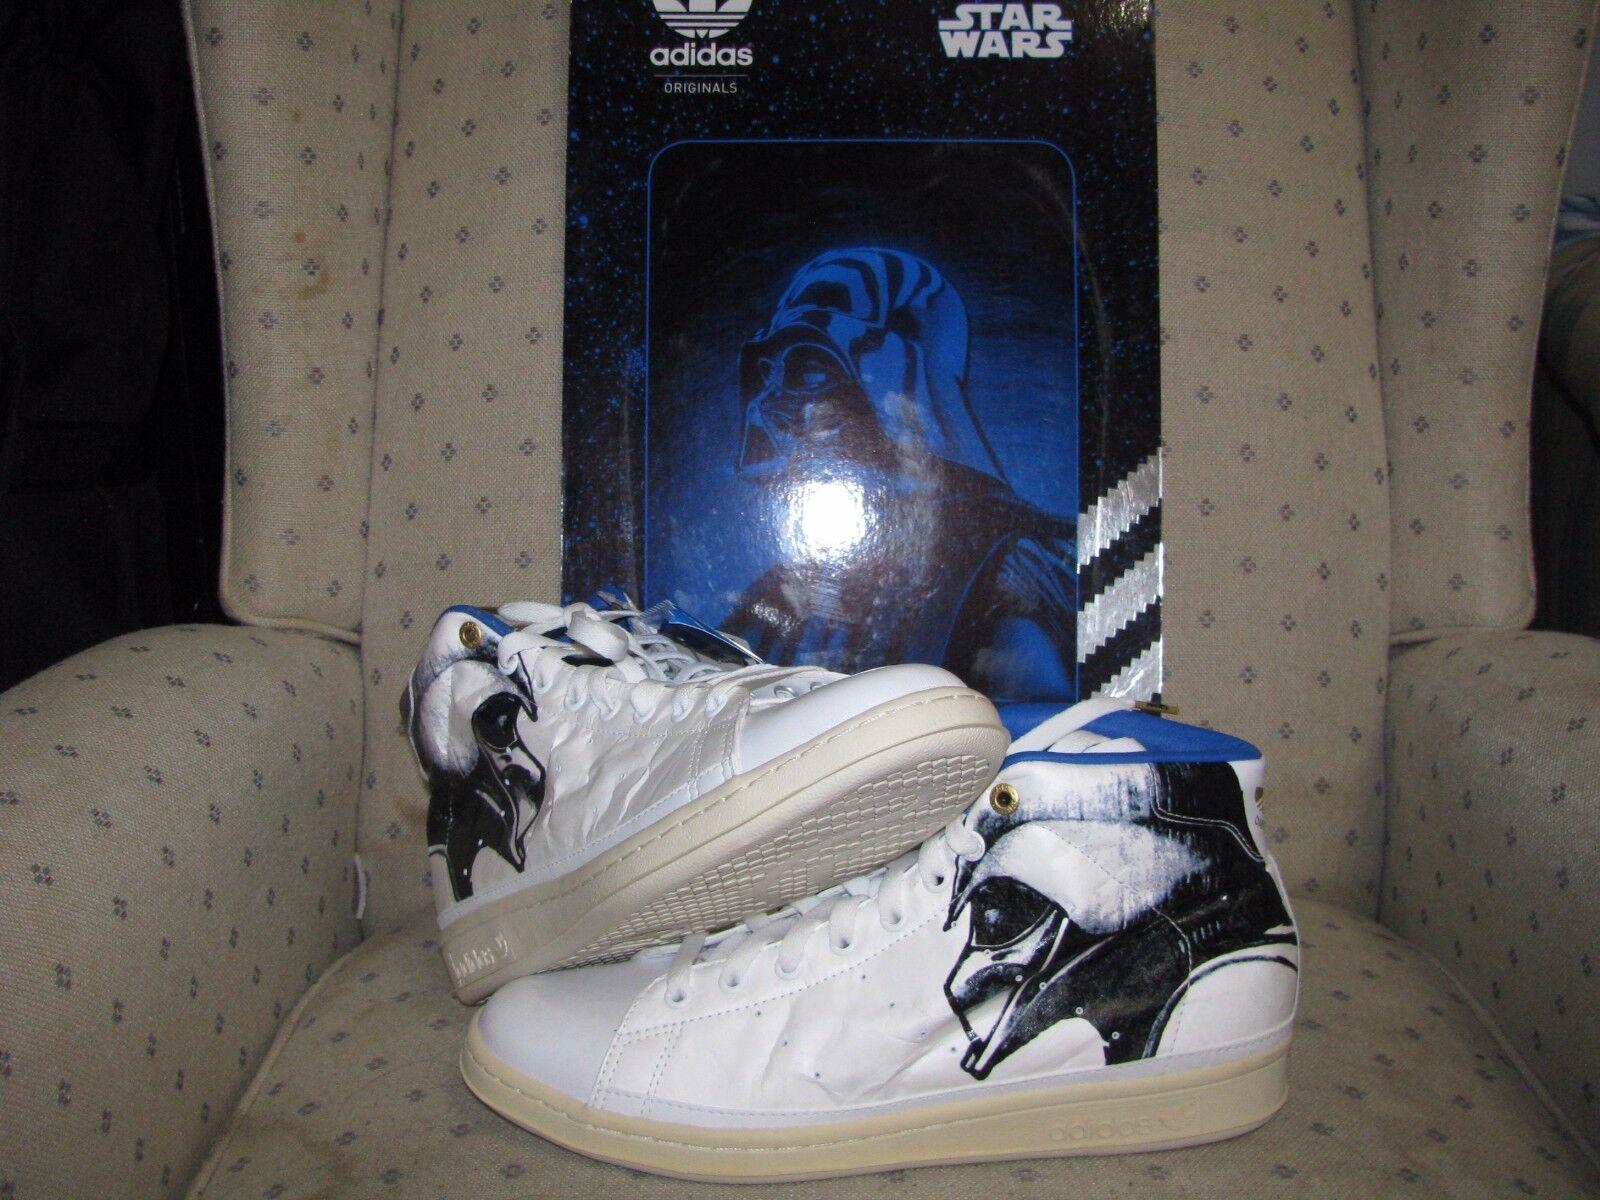 ADIDAS ORIGINALS STAR WARS DARTH VADER STAM SMITH 80s Han Solo Skywalker Rogue